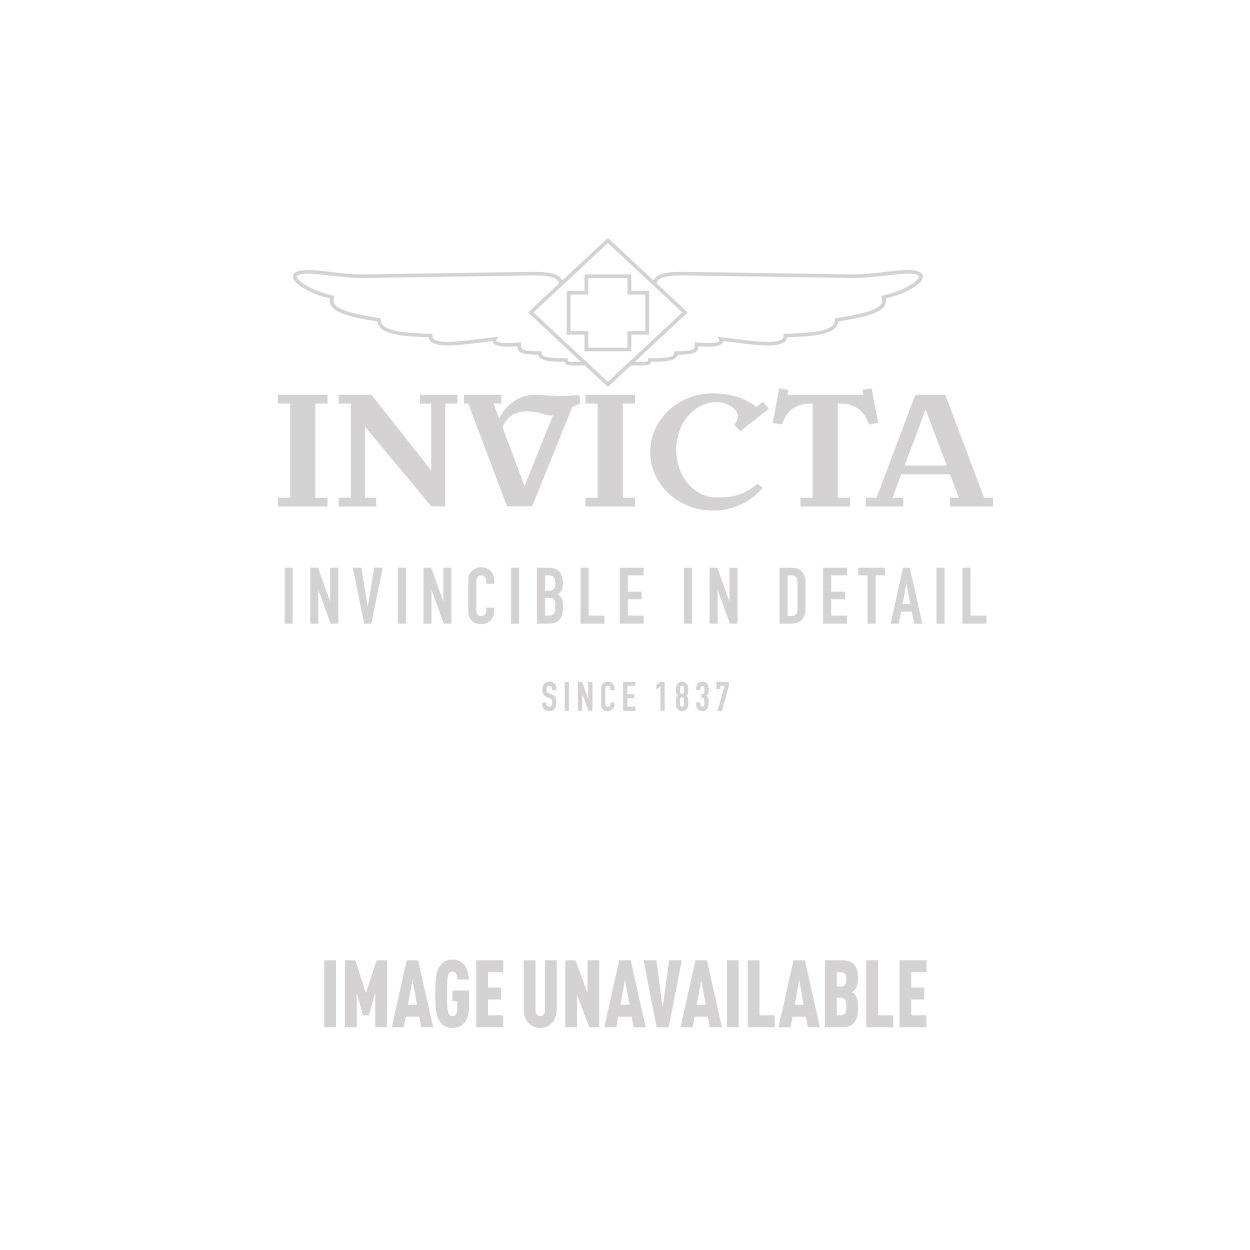 Invicta Model 25809